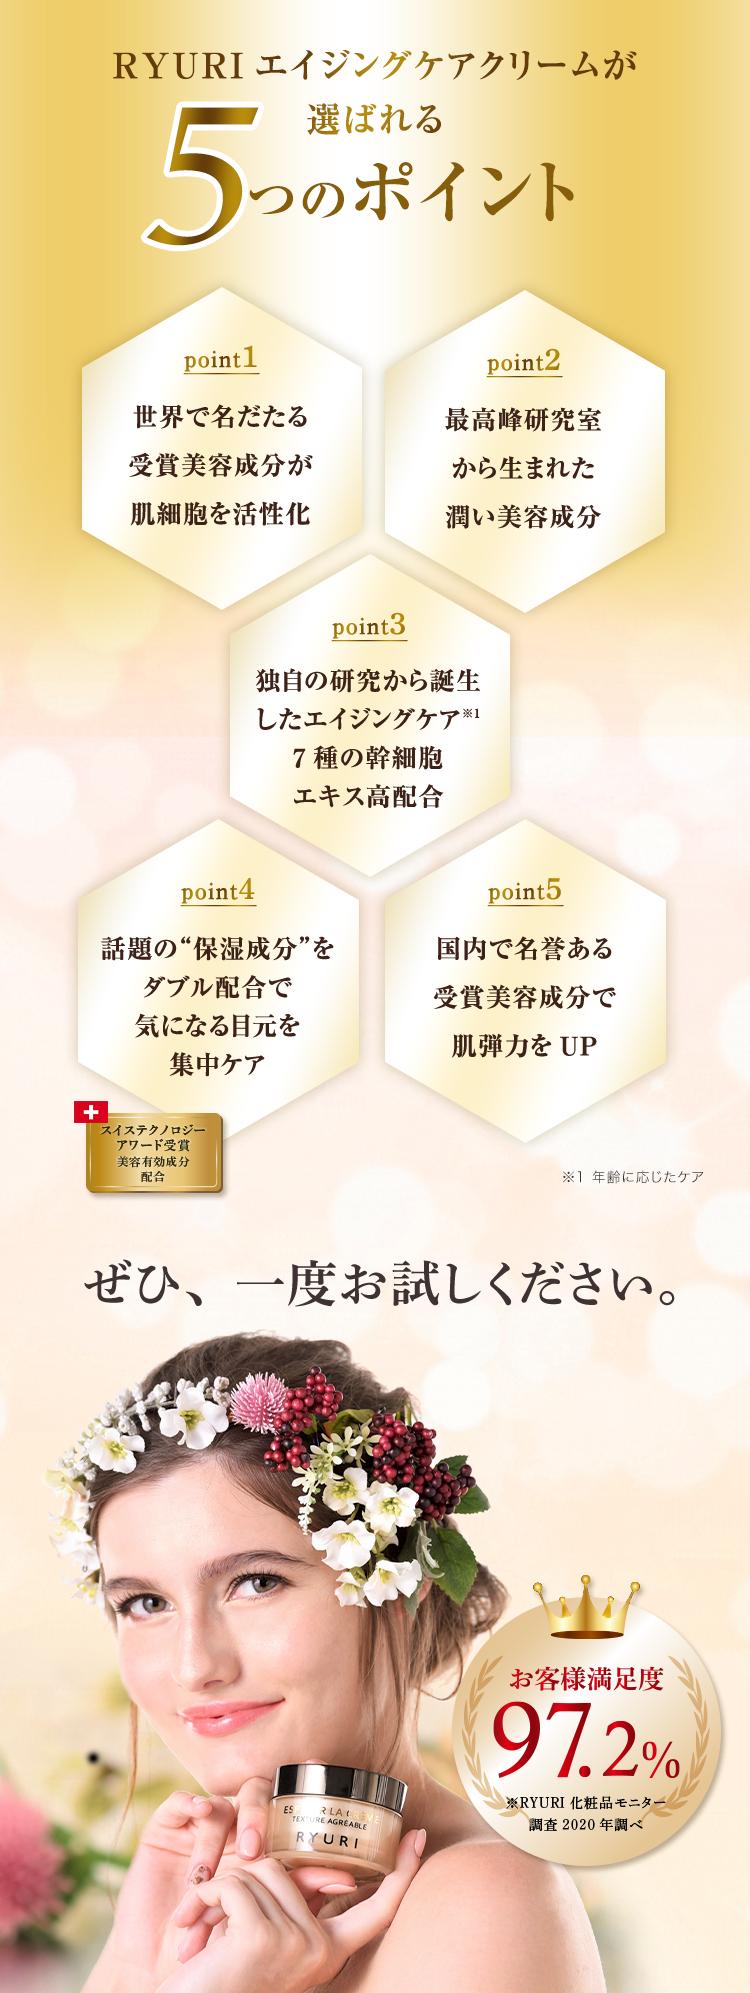 RYURIエイジングケアクリームが選ばれる5つのポイント